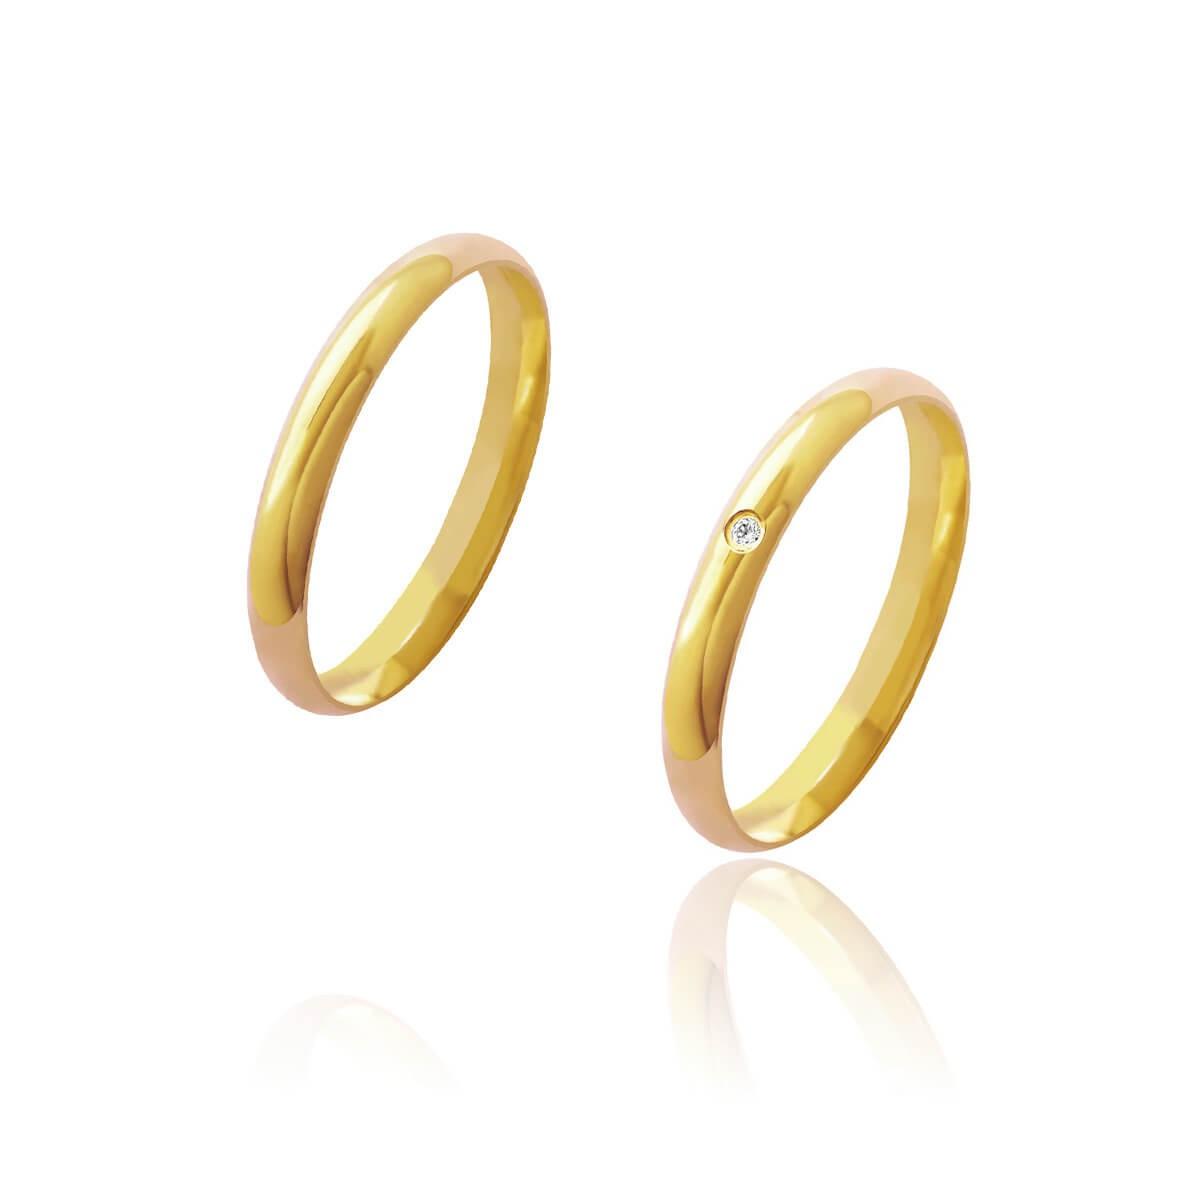 Par de Alianças de Casamento Afrodite Ouro 18k com Brilhante Embutido 3mm 4.5g